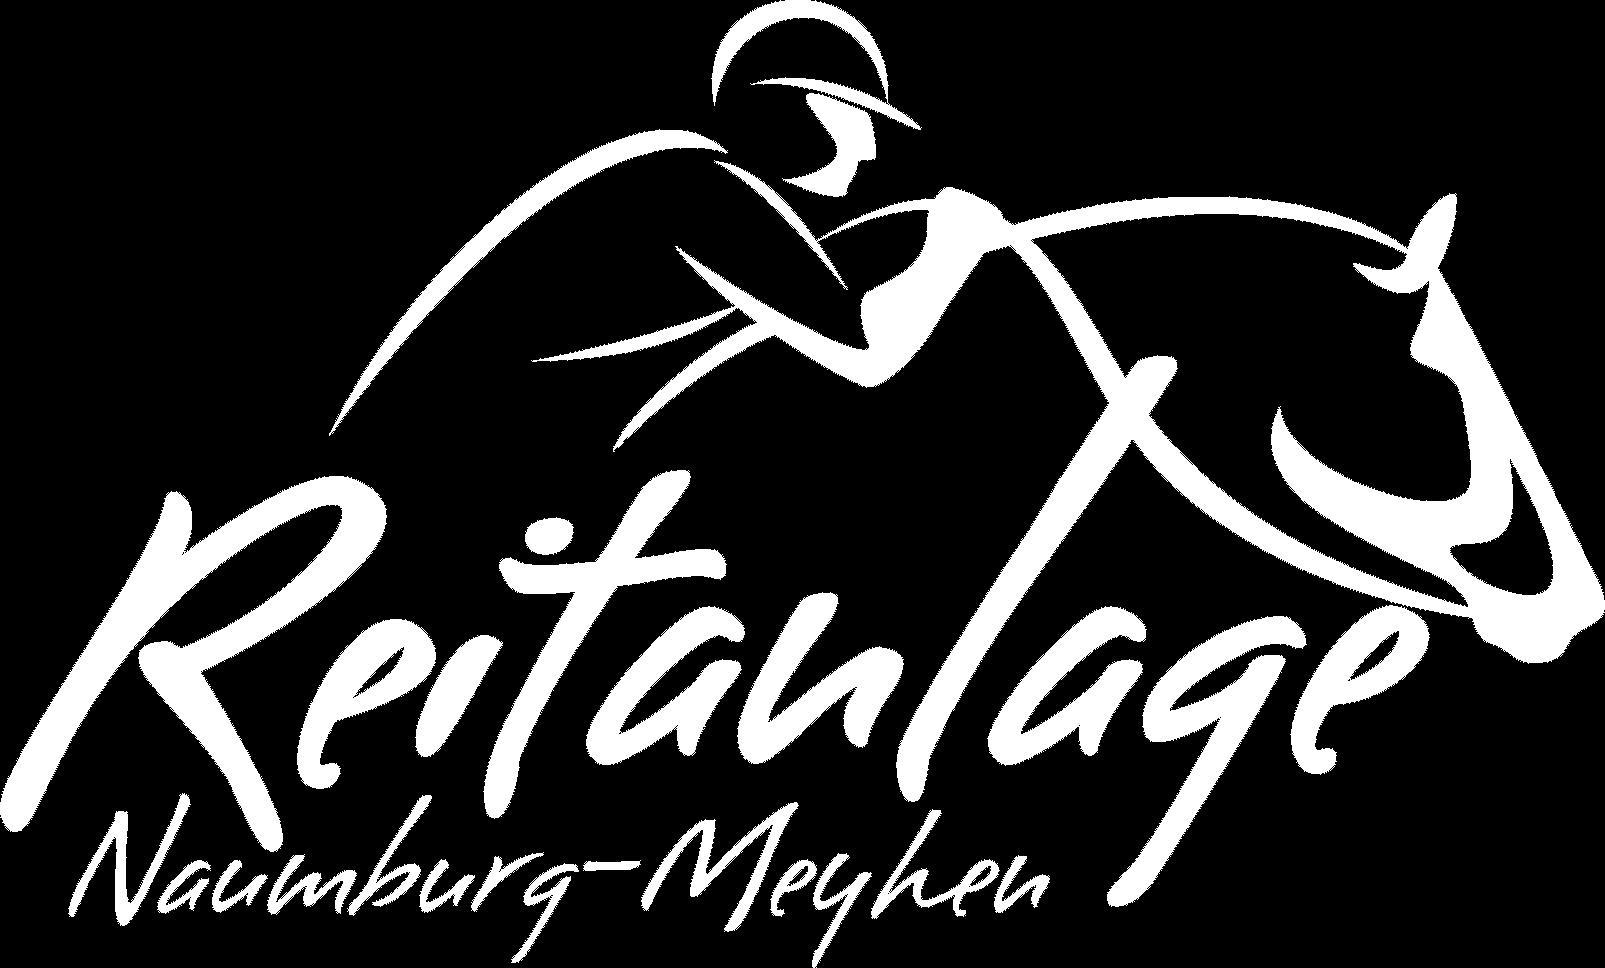 Reitanlage Naumburg Meyhen